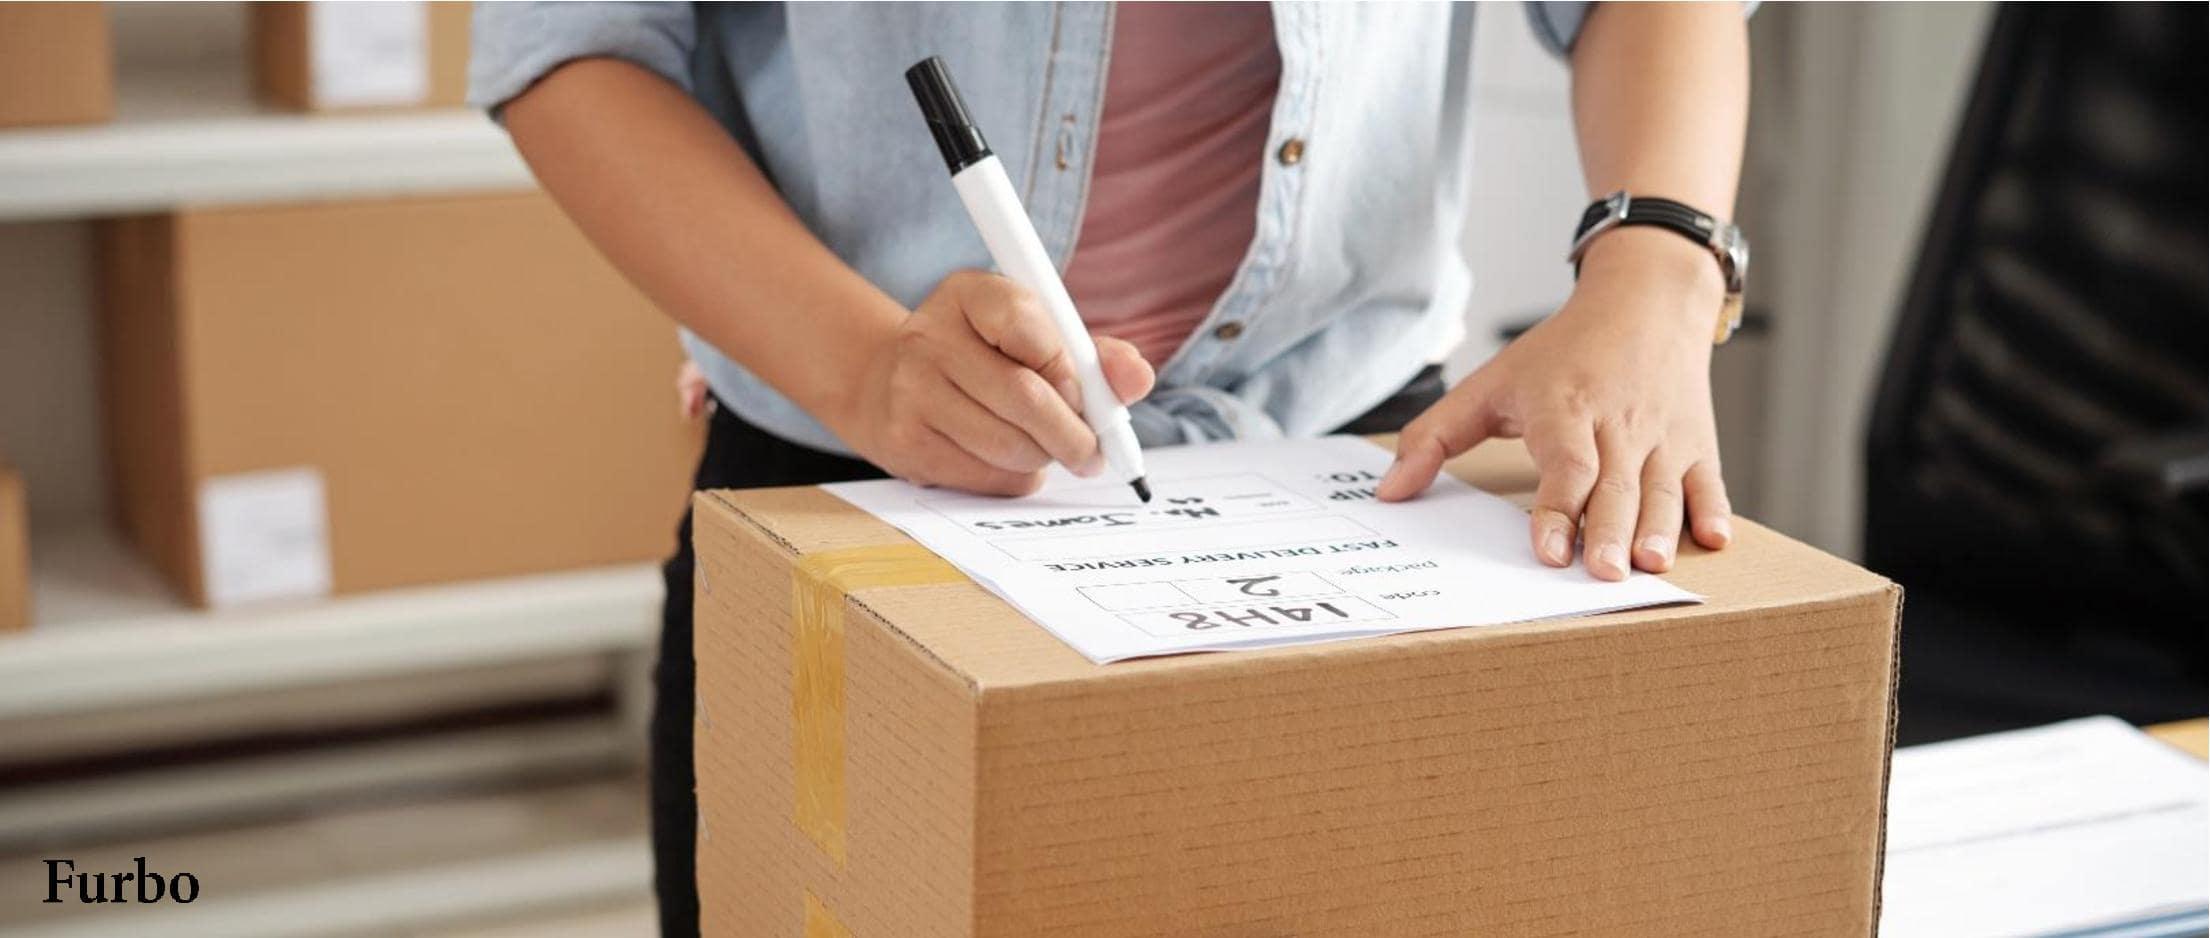 ارسال بسته پستی فروشگاه اینترنتی